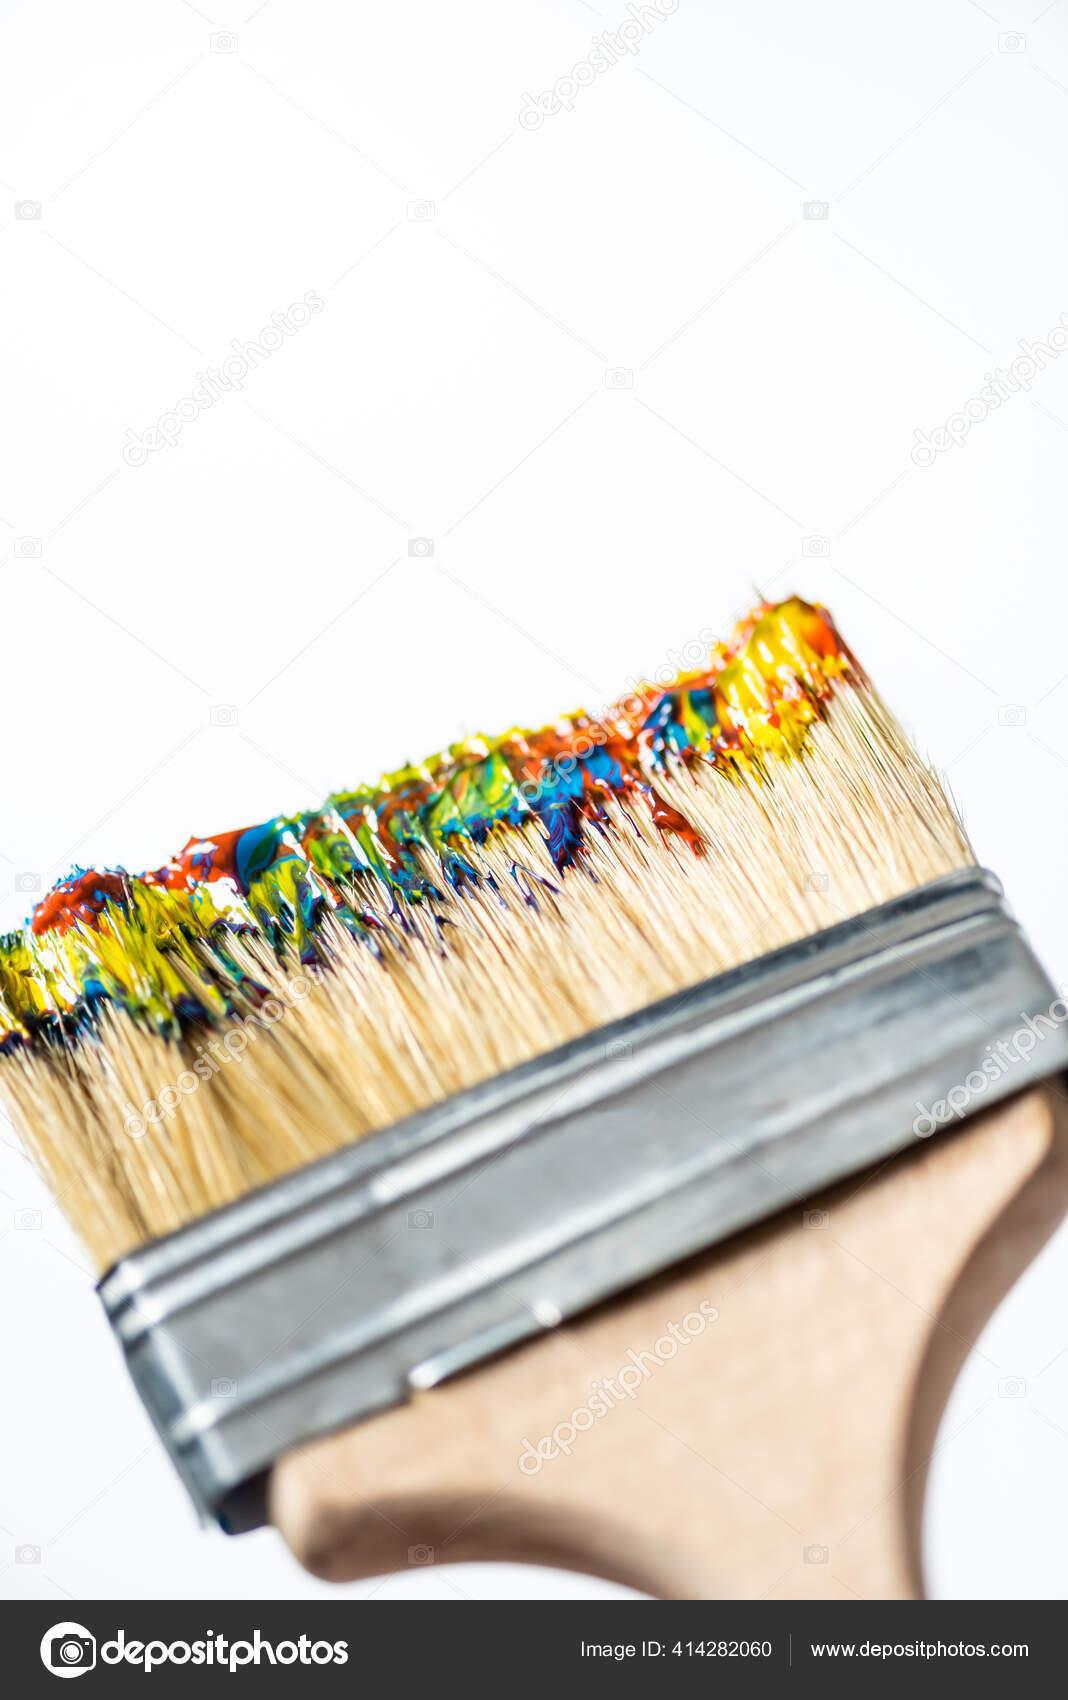 redondo acr/ílicos y carteles de cristal y porcelana para pinturas de tela Pincel universal de pelo de pony buena estabilidad dimensional buen comportamiento de pintura sint/ético tama/ño 0